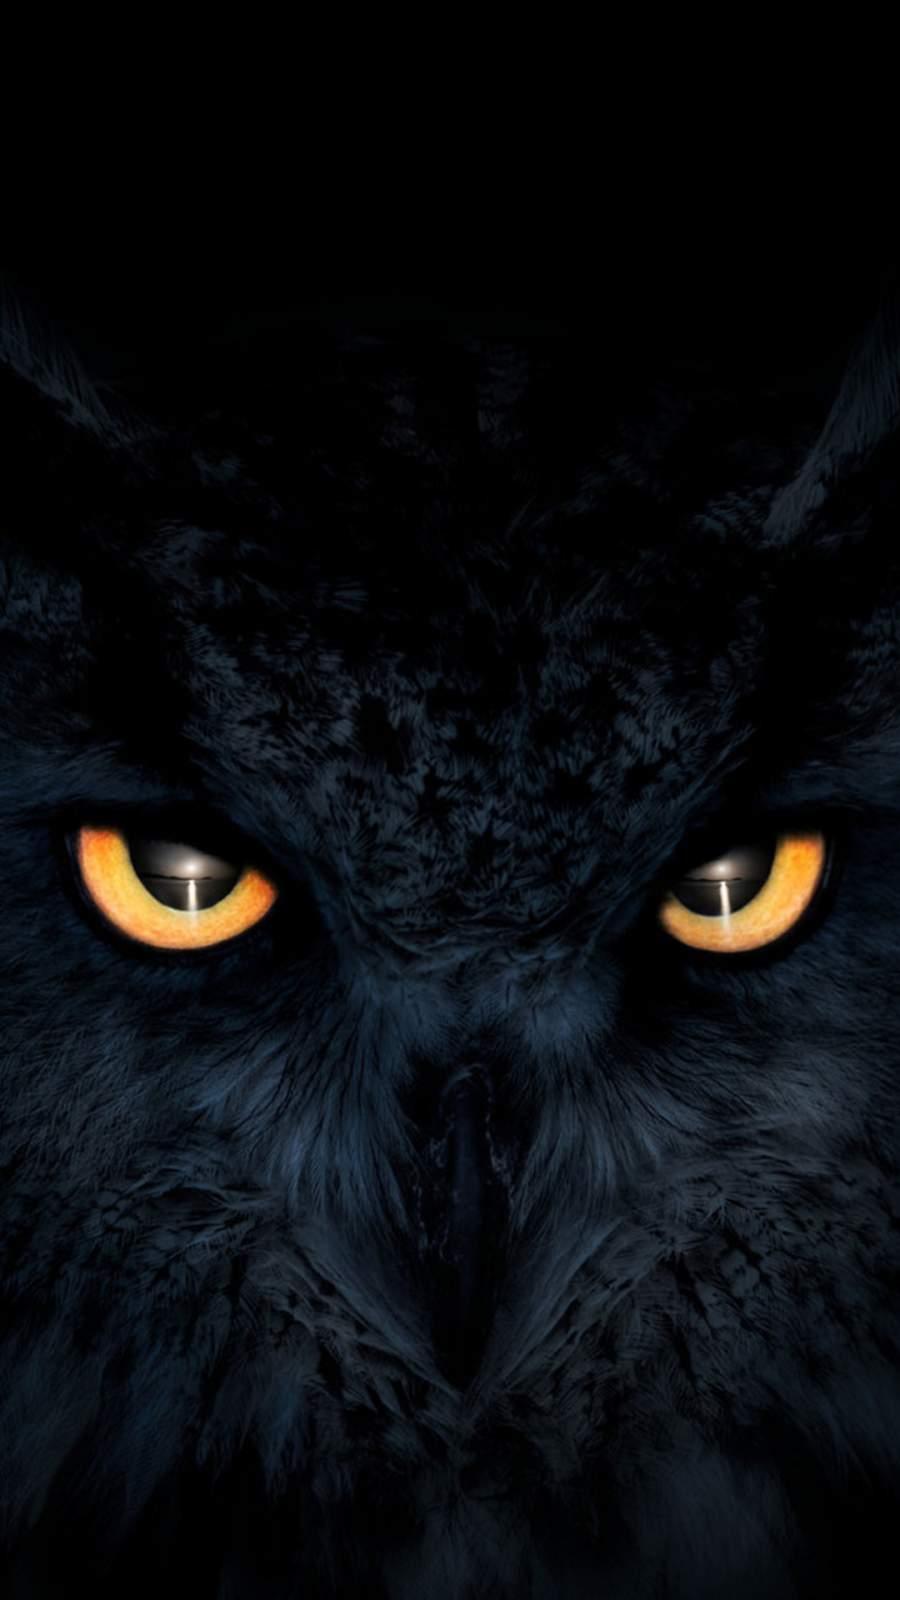 Owl Dark Glowing Eyes iPhone Wallpaper